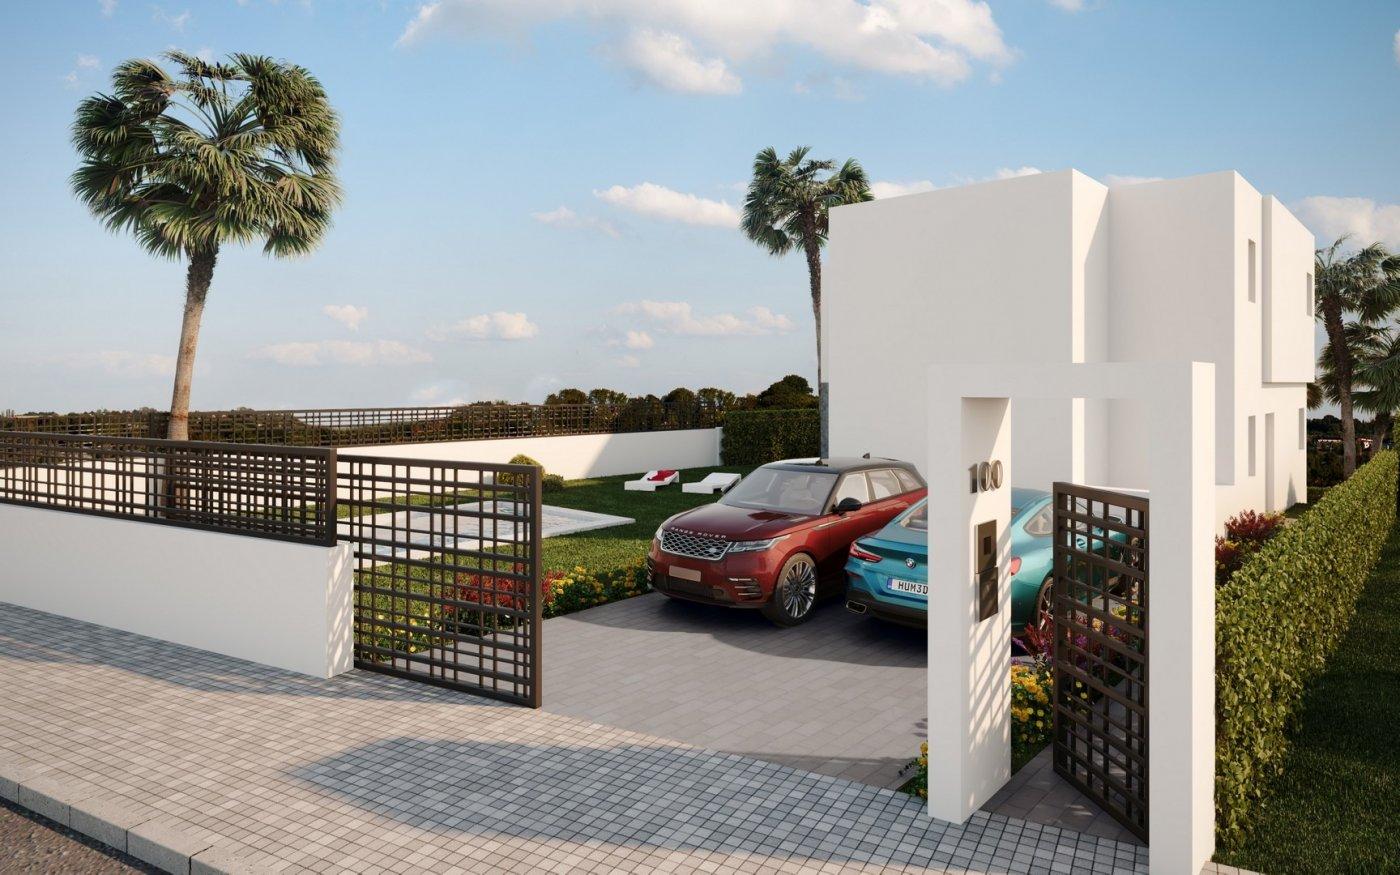 Villas de diseÑo moderno con vistas al golf!!! - imagenInmueble3